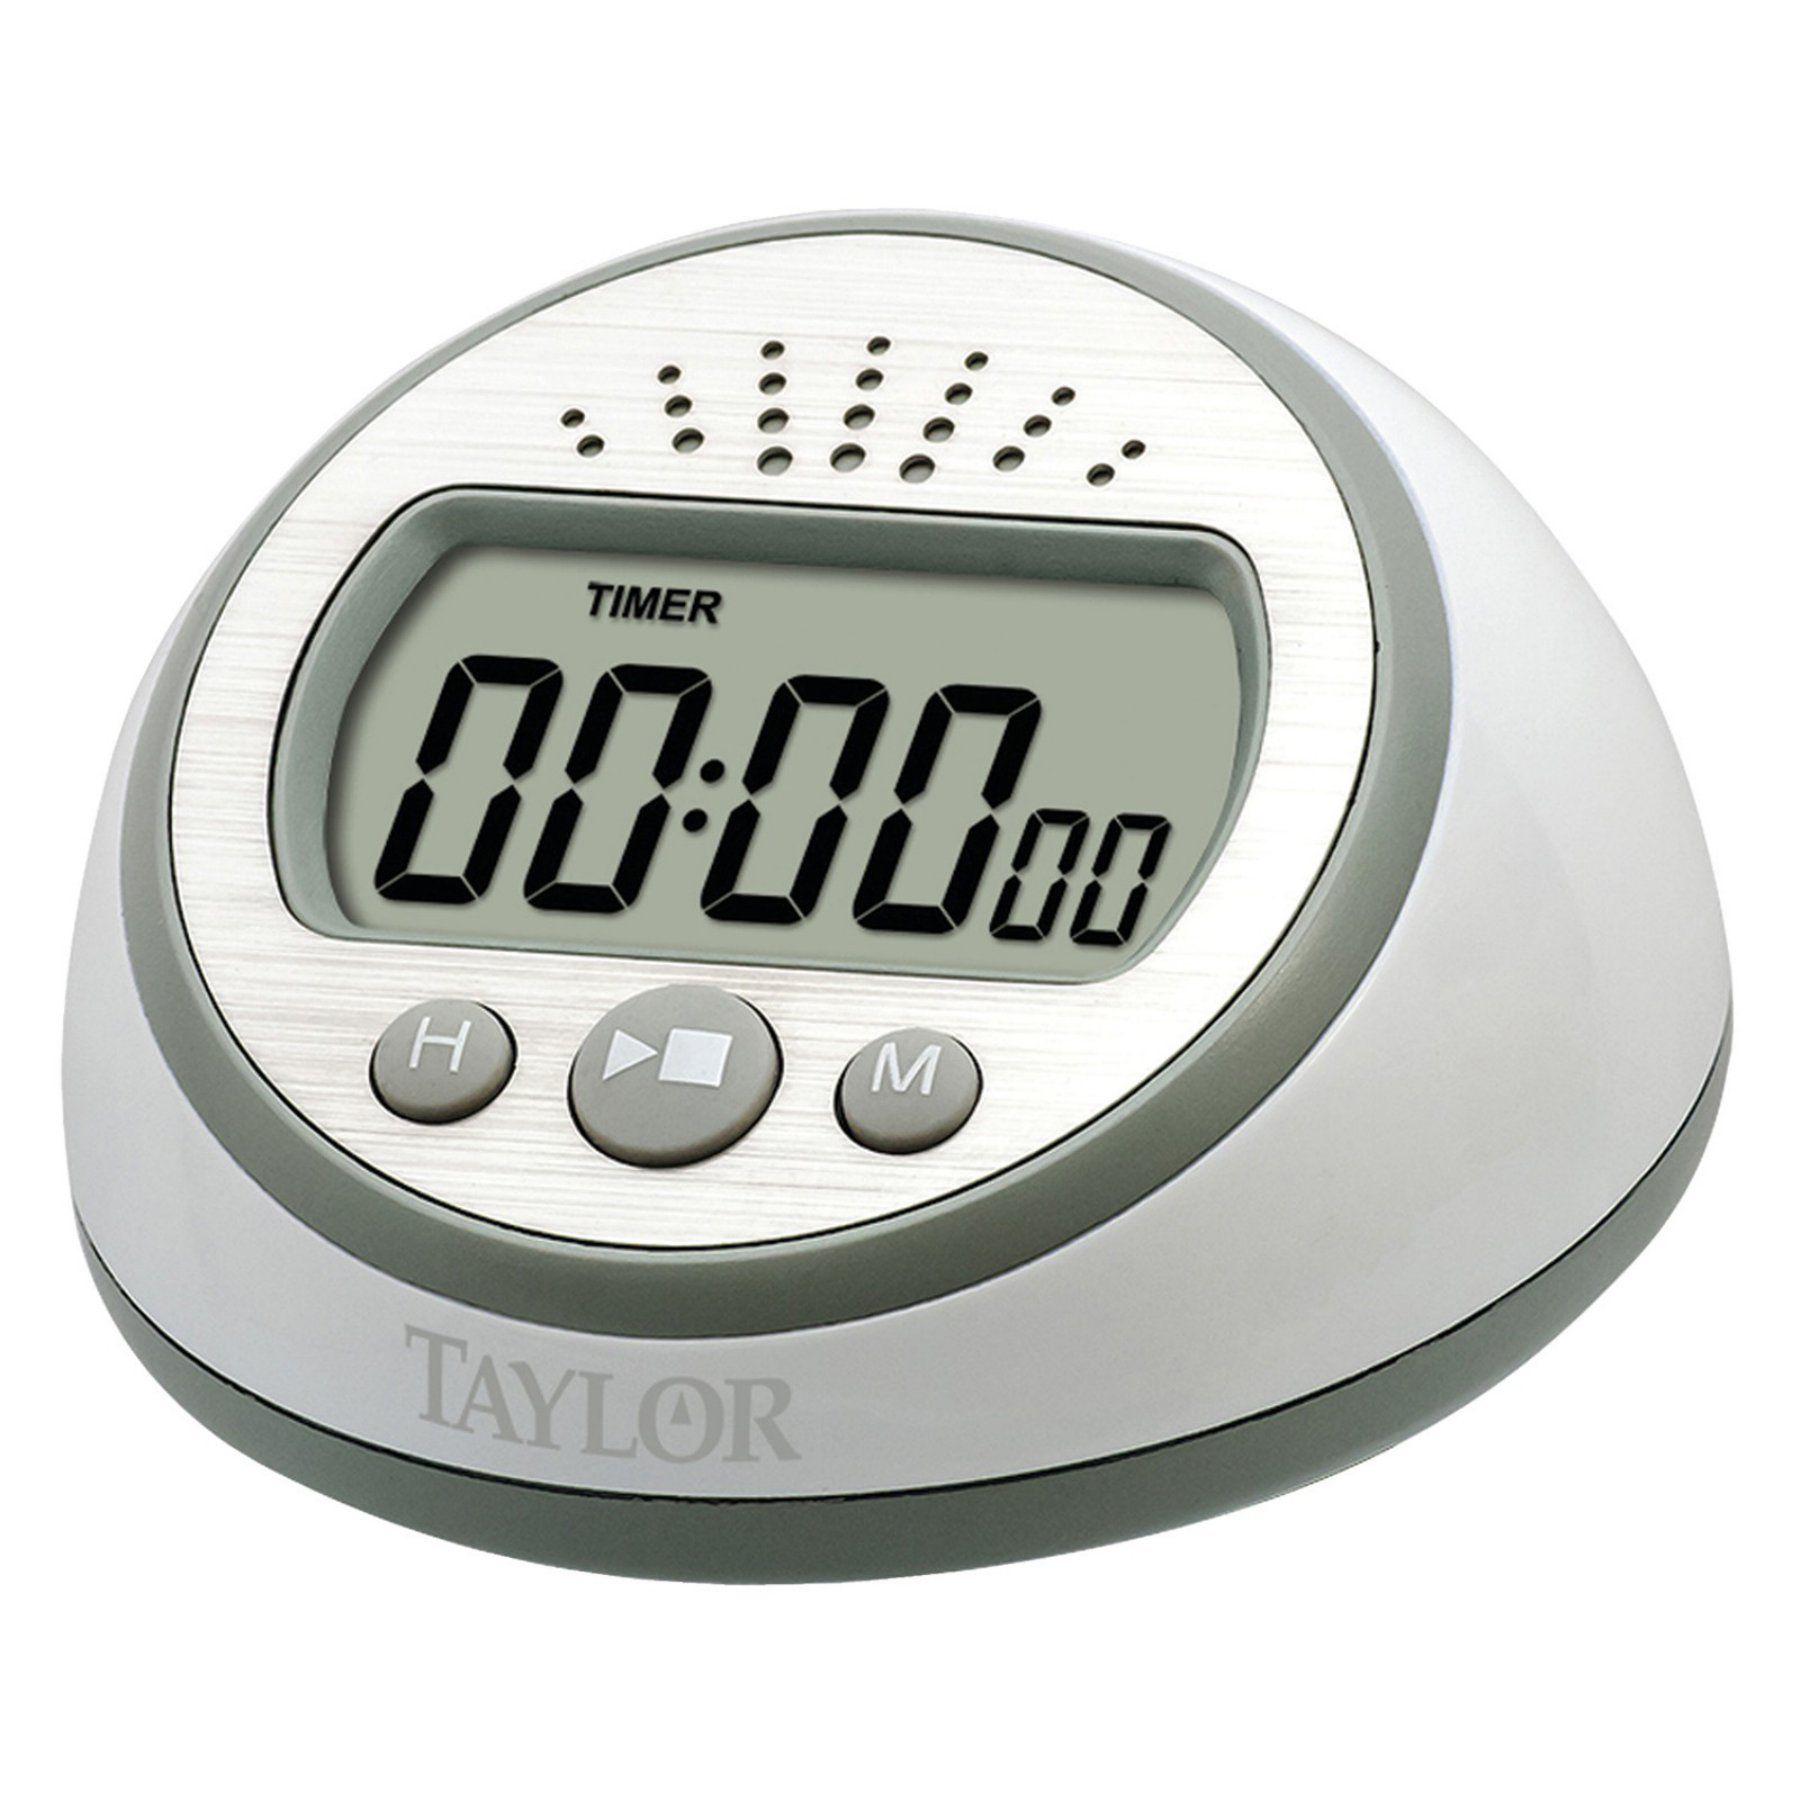 Taylor 5873 Super Loud Digital Kitchen Timer - TAP5873 ...